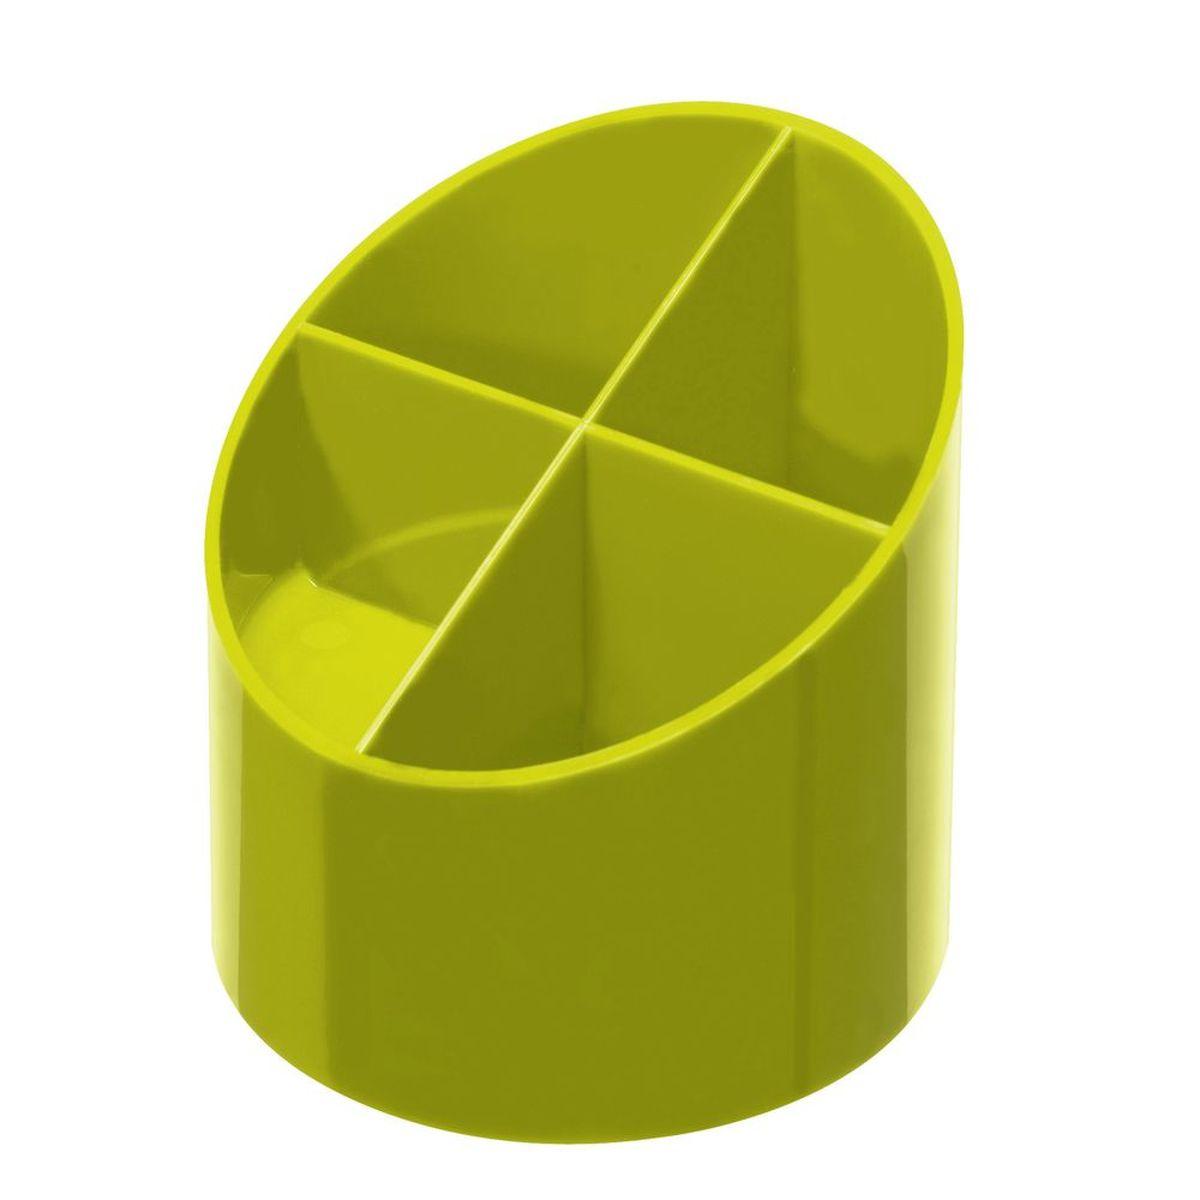 Herlitz Подставка канцелярских принадлежностей 4 секции цвет лимонный